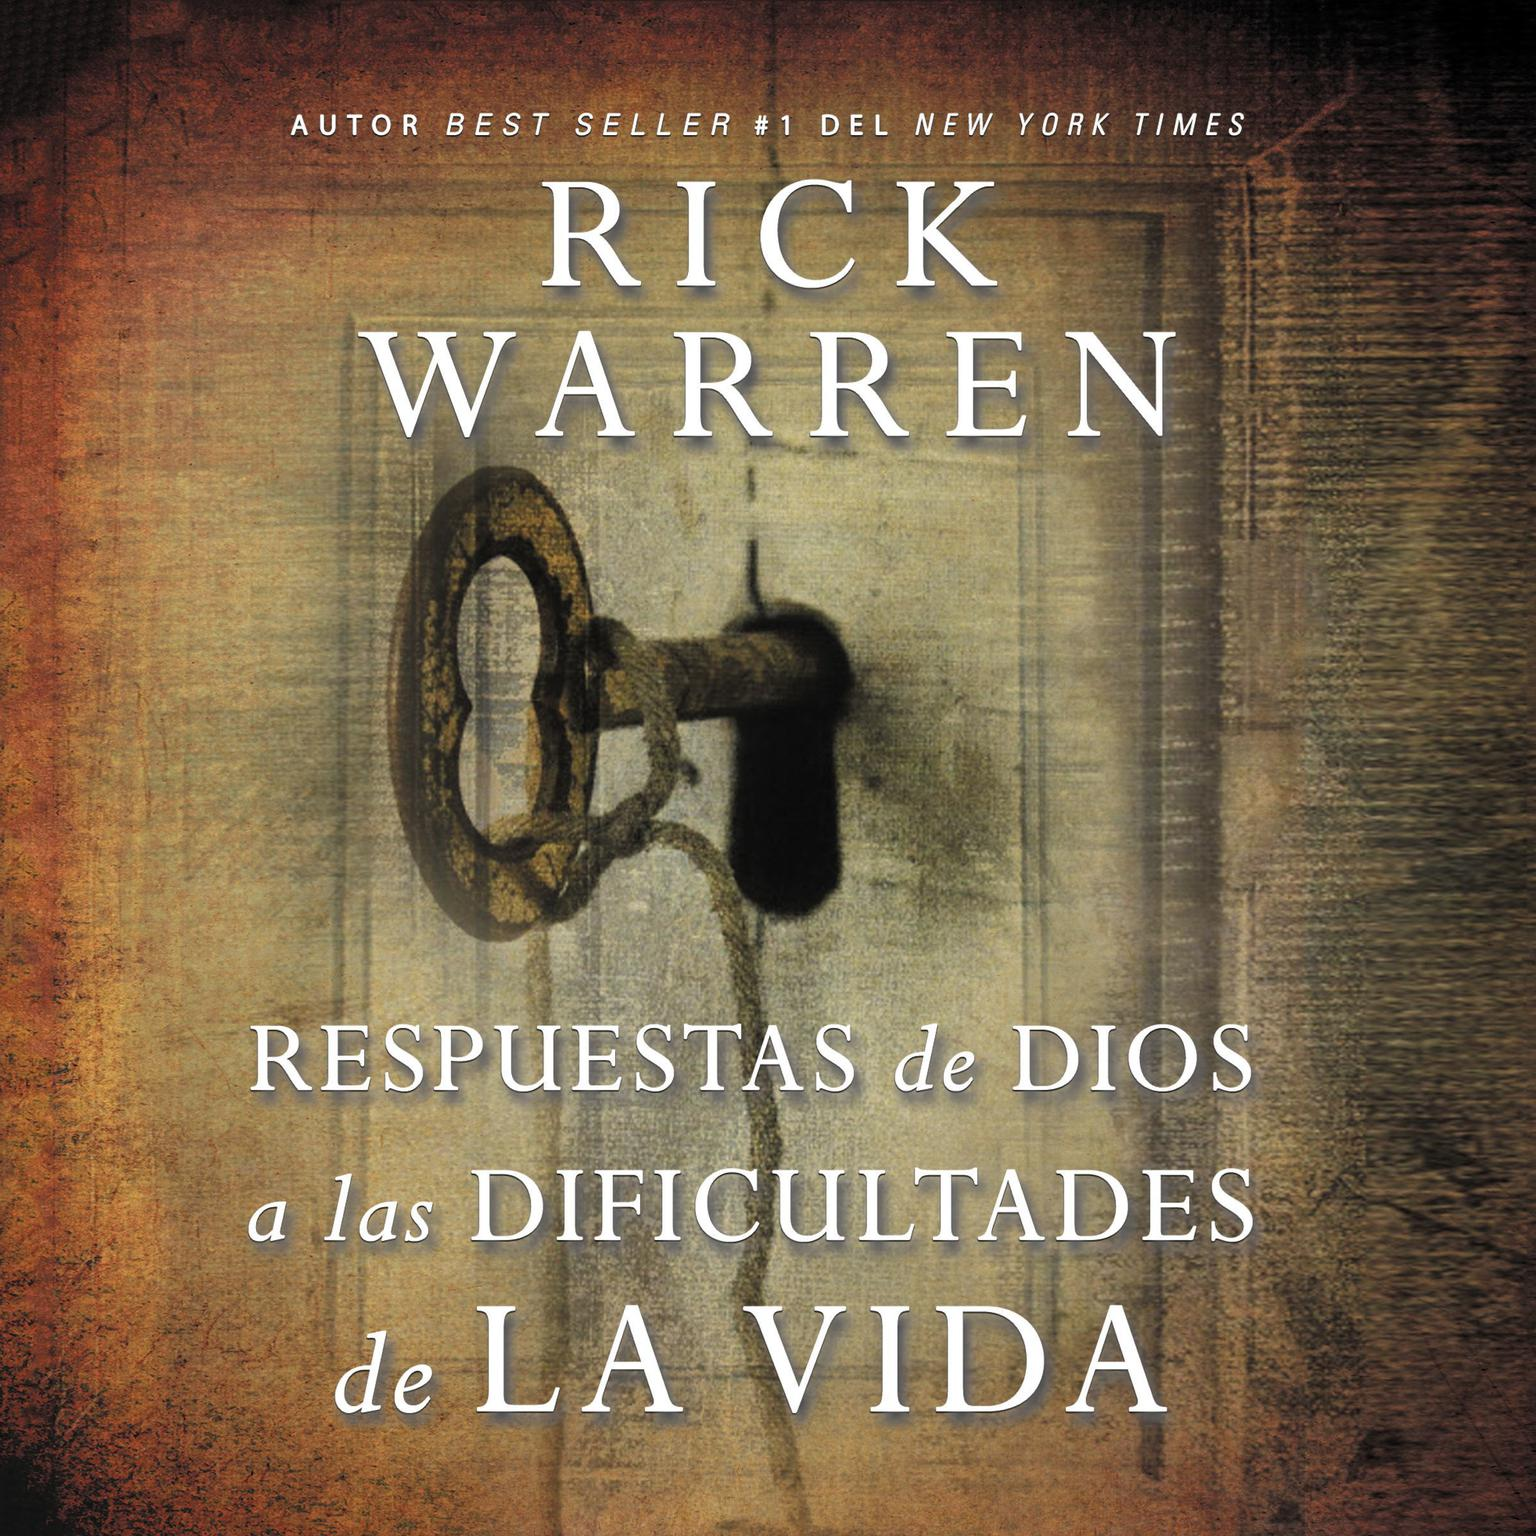 Respuestas de Dios a las dificultades de la vida Audiobook, by Rick Warren